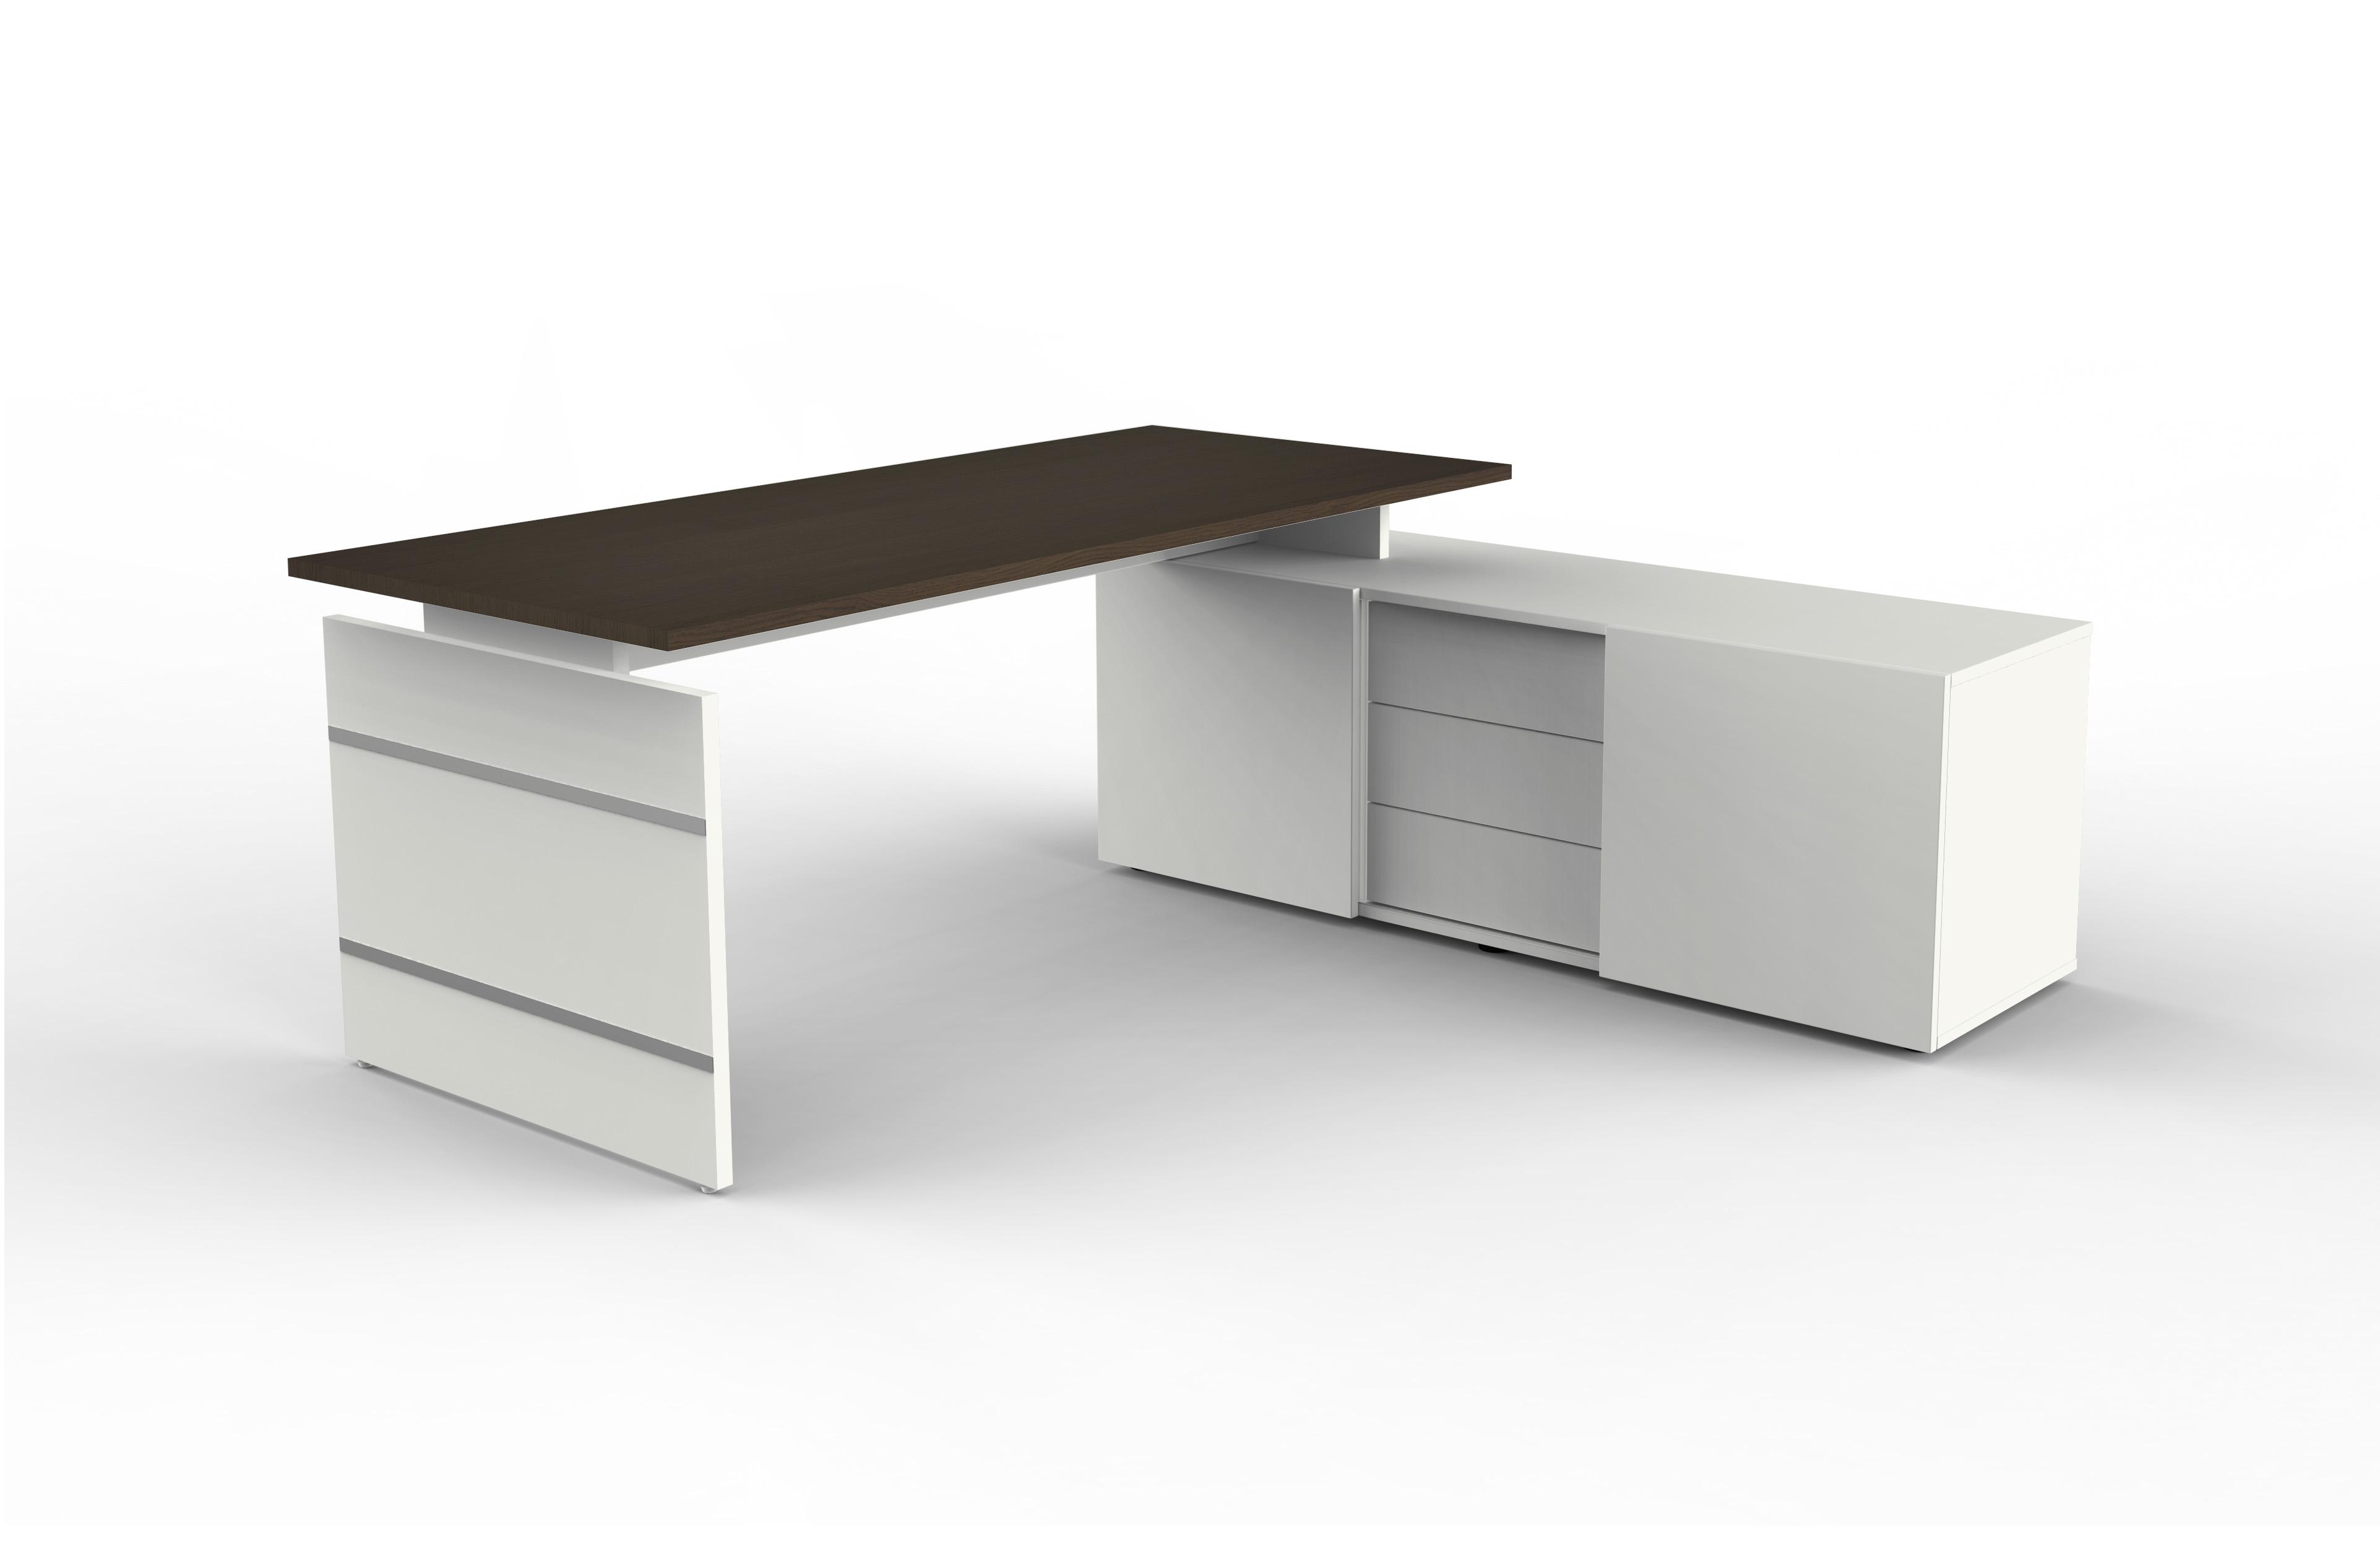 Büromöbel preiswert und schnell - Komplettarbeitsplatz mit Sideboard